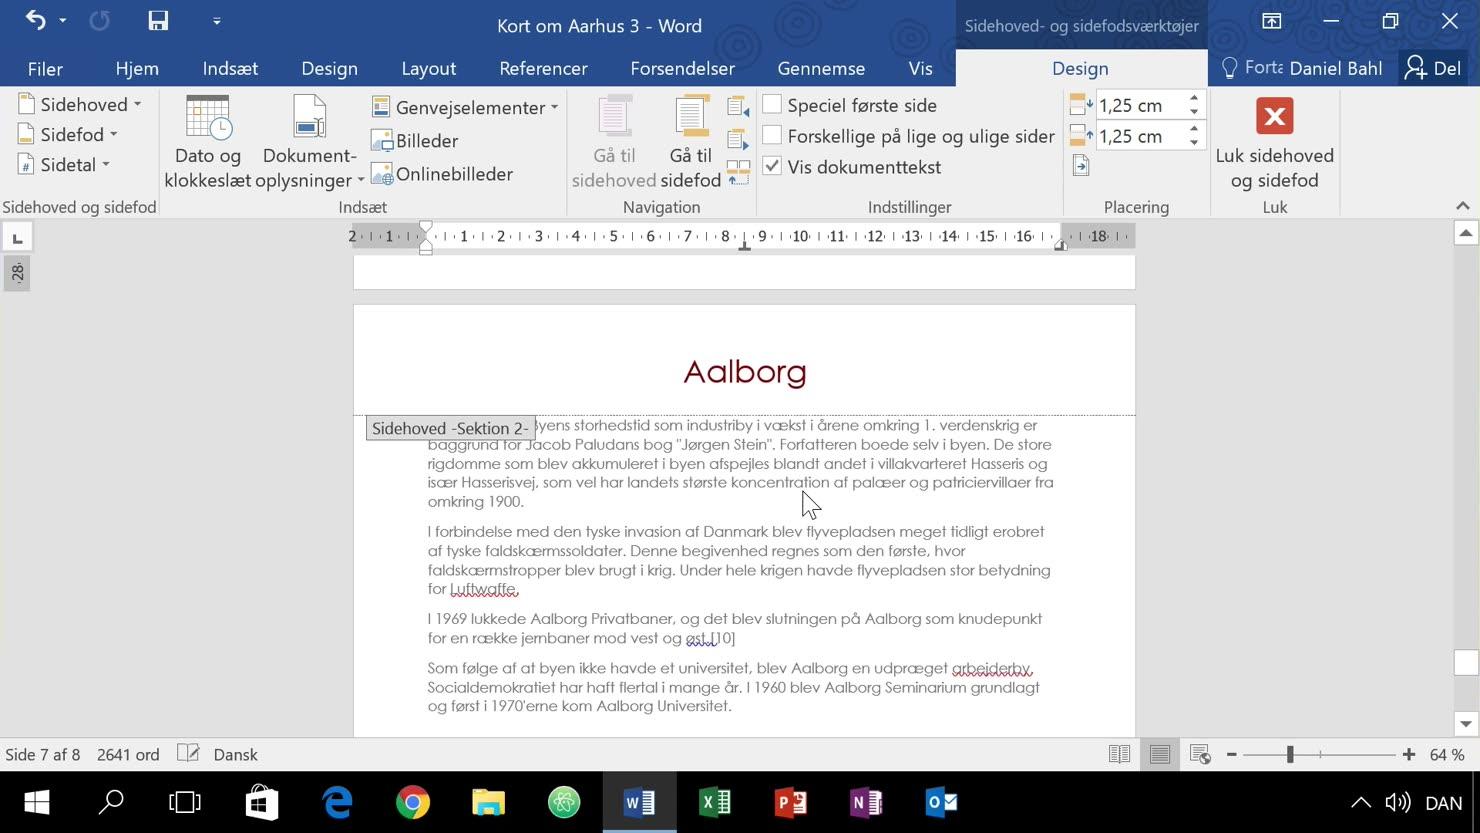 Organiser et dokument med sektioner